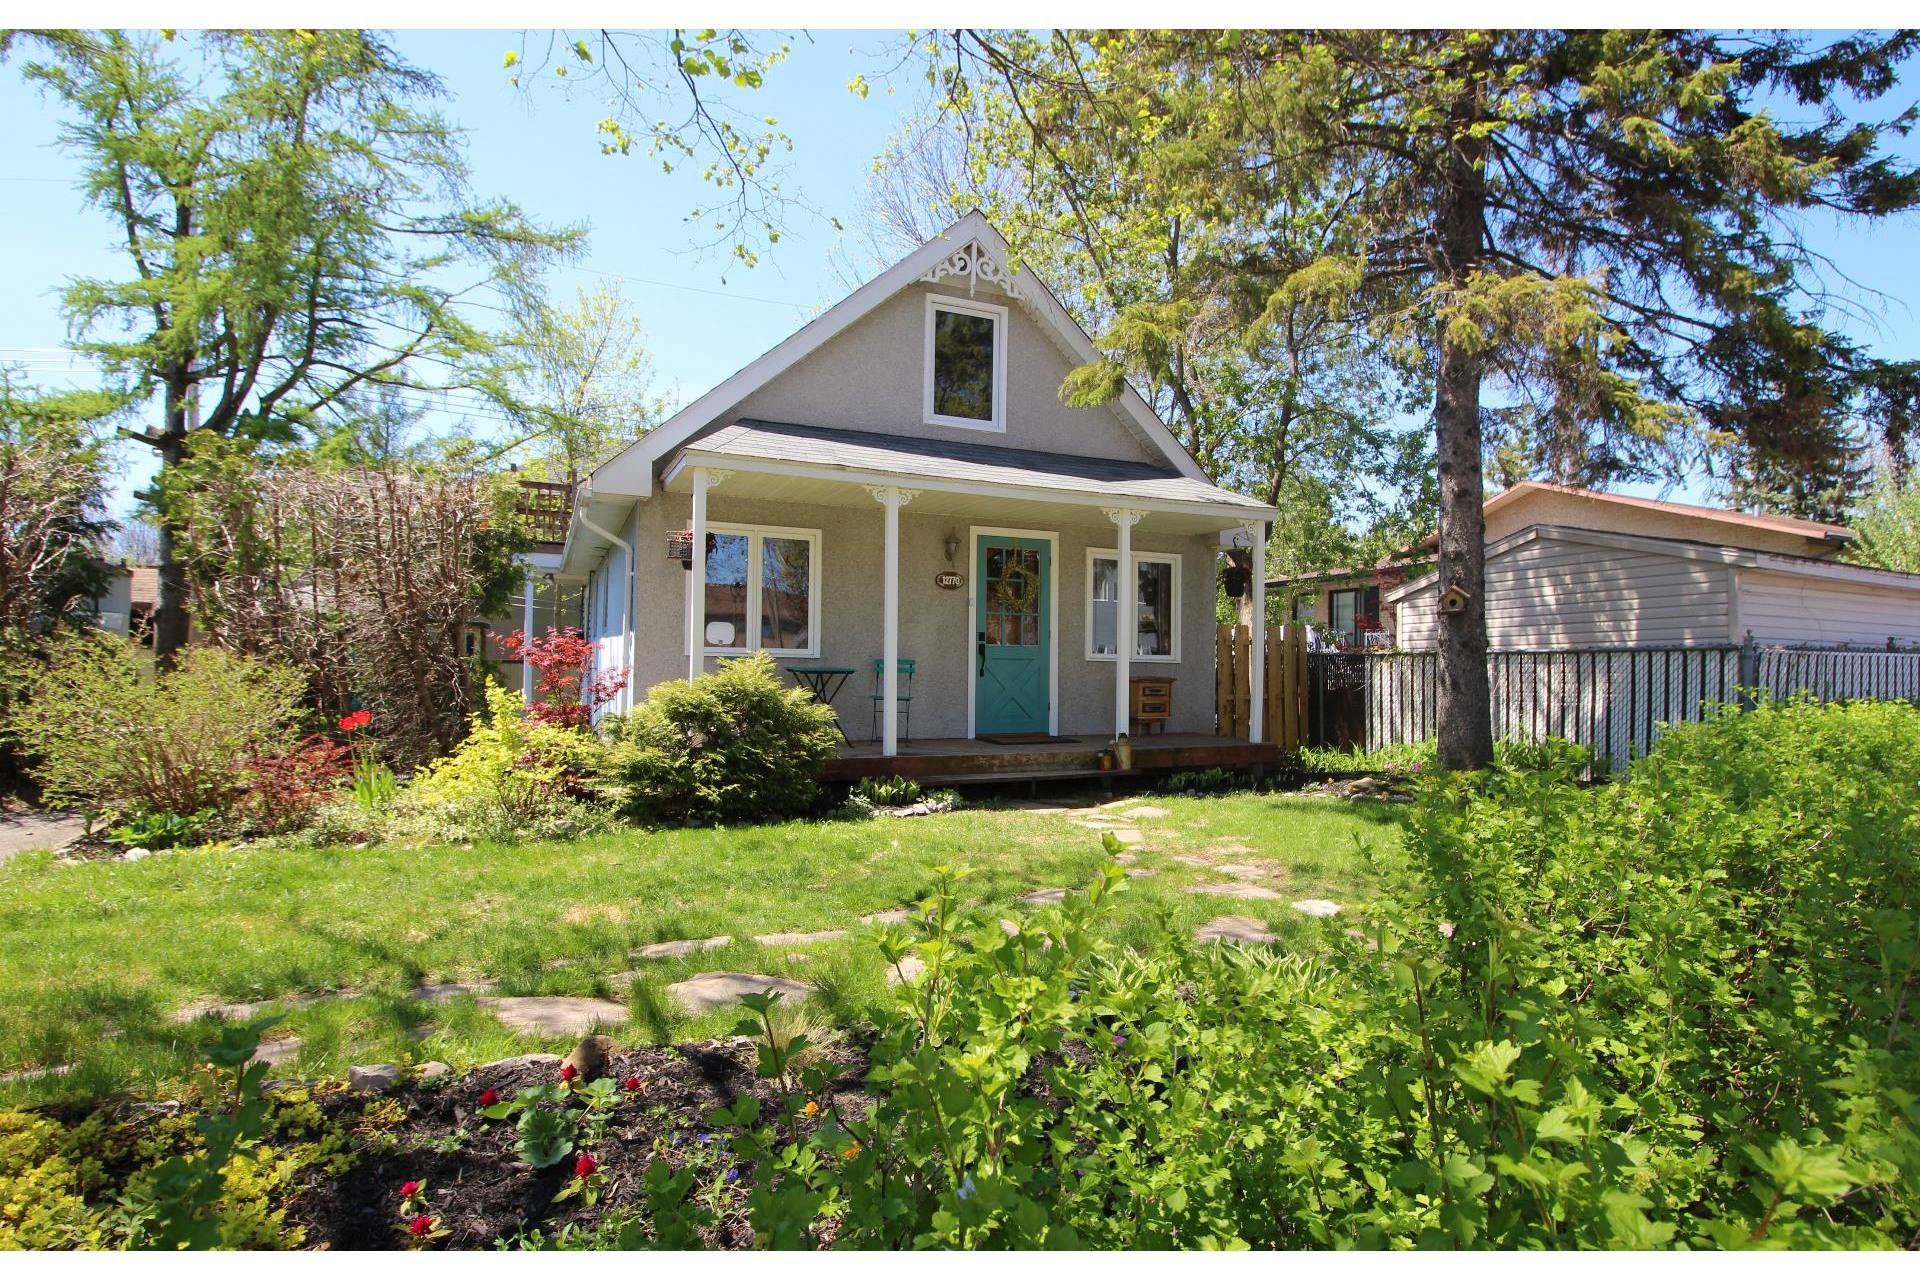 image 21 - House For sale Rivière-des-Prairies/Pointe-aux-Trembles Montréal  - 8 rooms